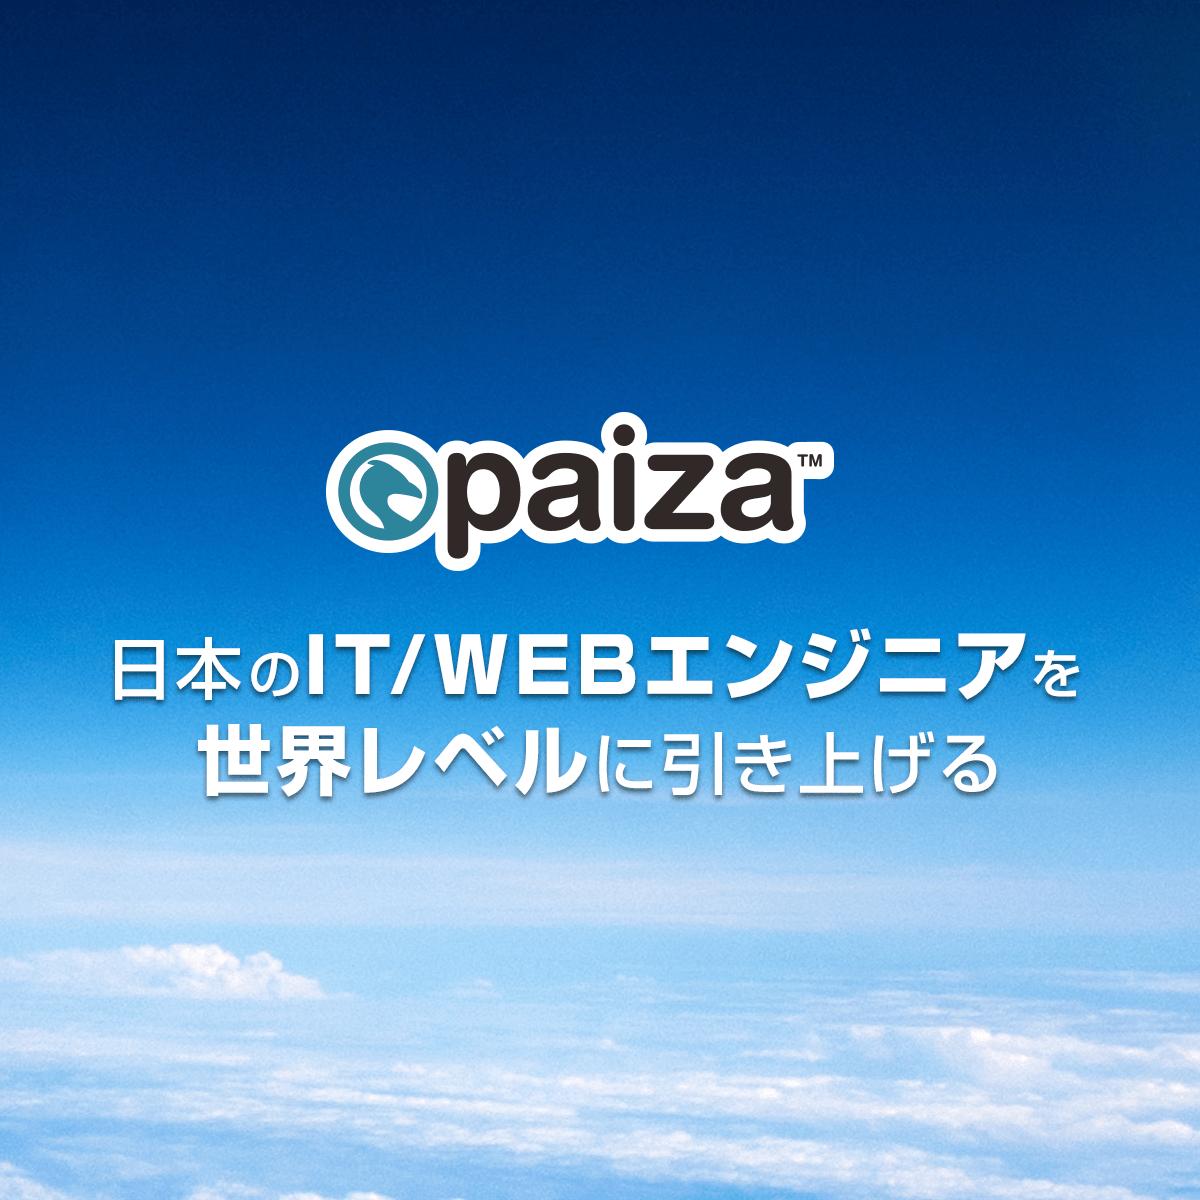 ITエンジニア・プログラマ向けの転職・就活・学習サービス【paiza(パイザ)】